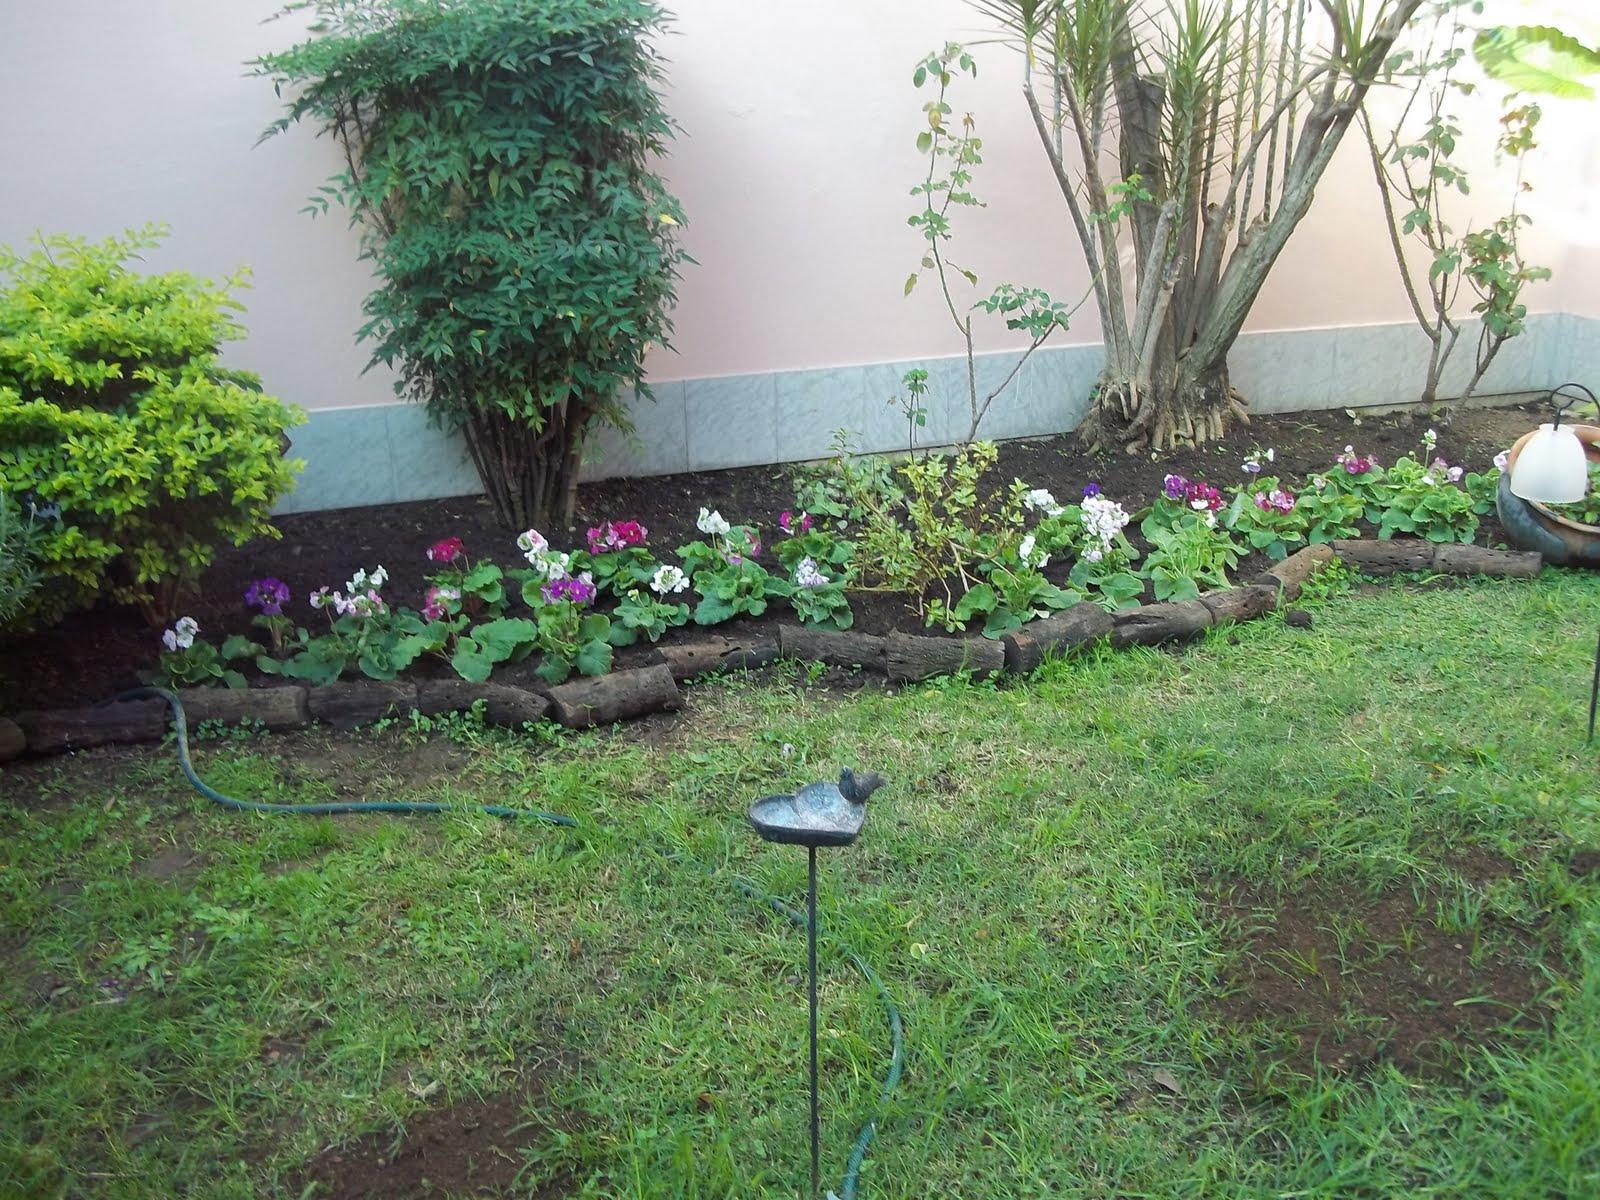 Jardineria y paisajismo en gerenal colores ewn el mas for Jardin 7 colores bernal